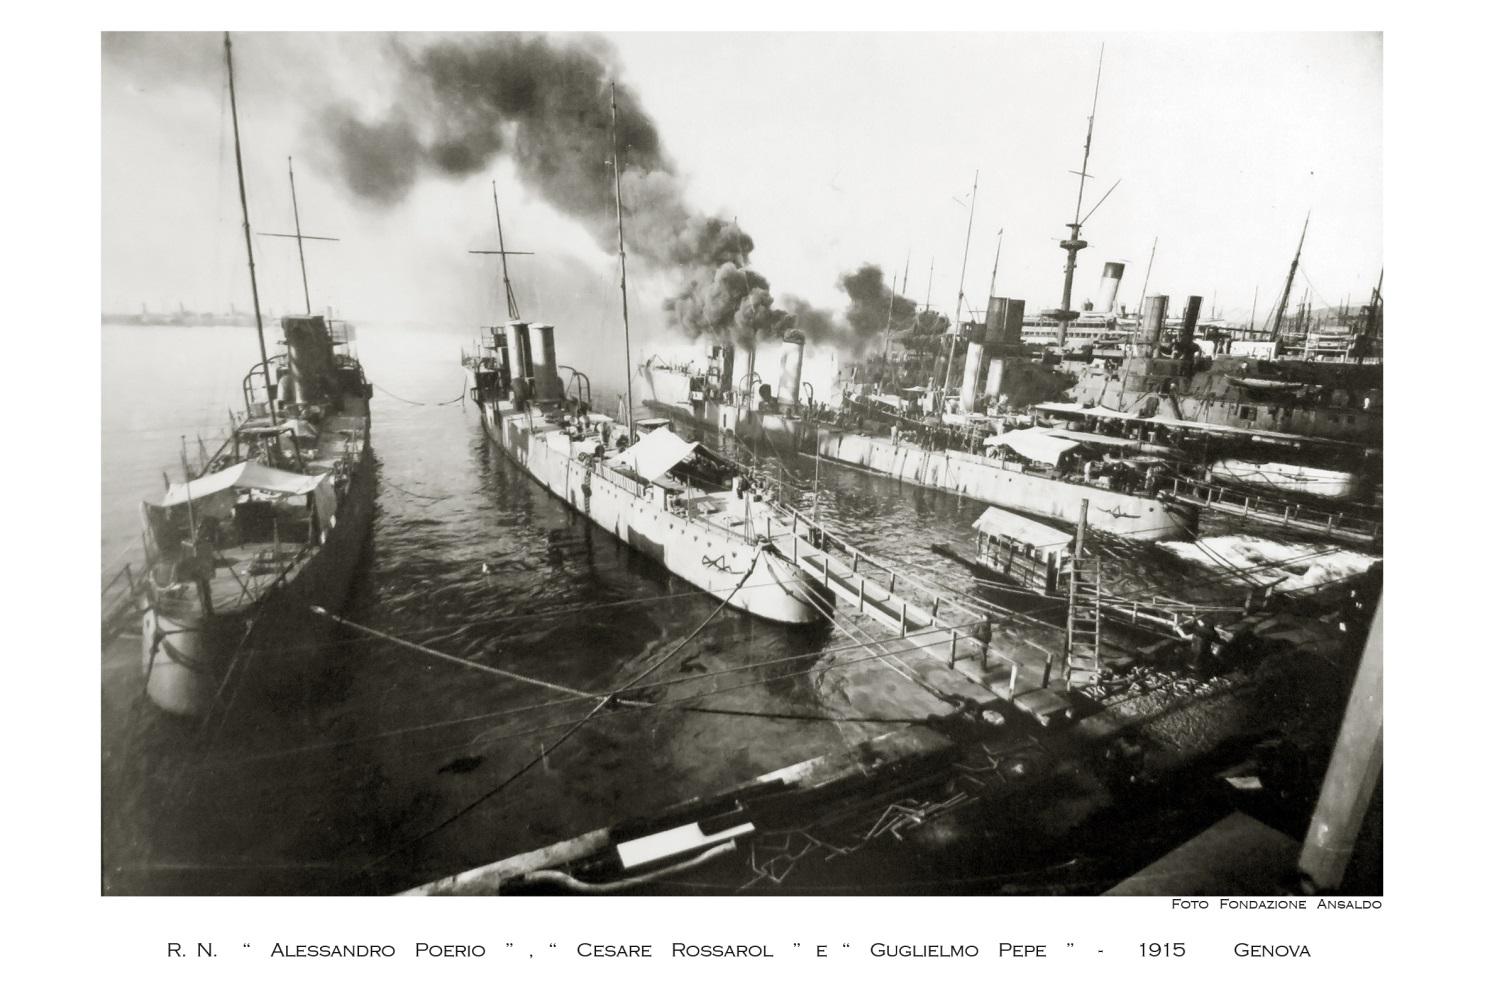 Poerio Class Vessels – Allesandro Poerio – Cesare Rossarol and Guglielmo Pepe at the Ansaldo yard.